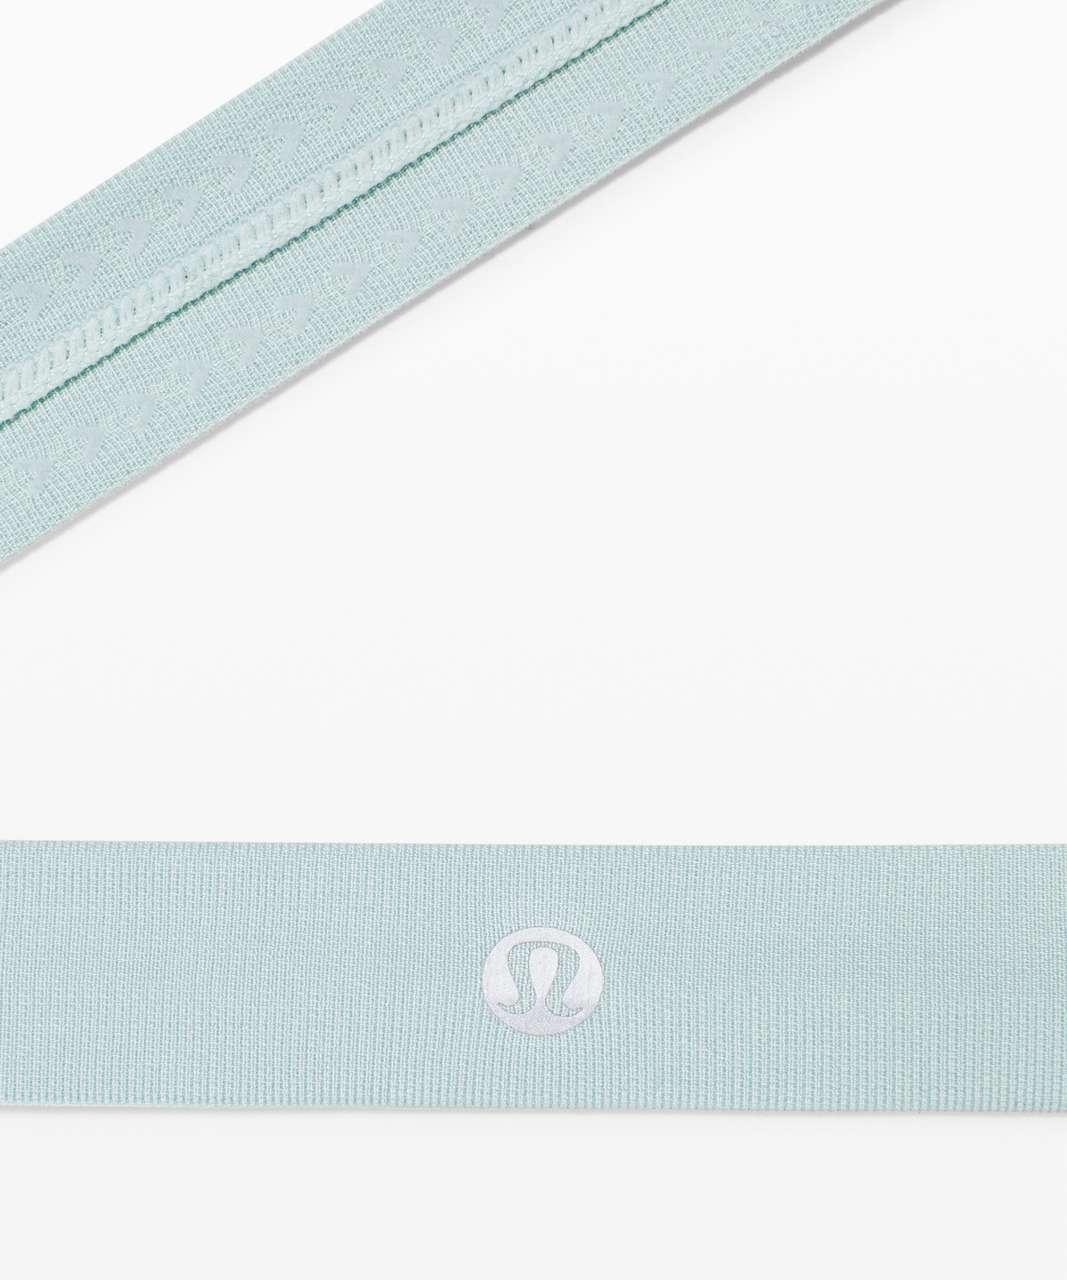 Lululemon Cardio Cross Trainer Headband - Hazy Jade